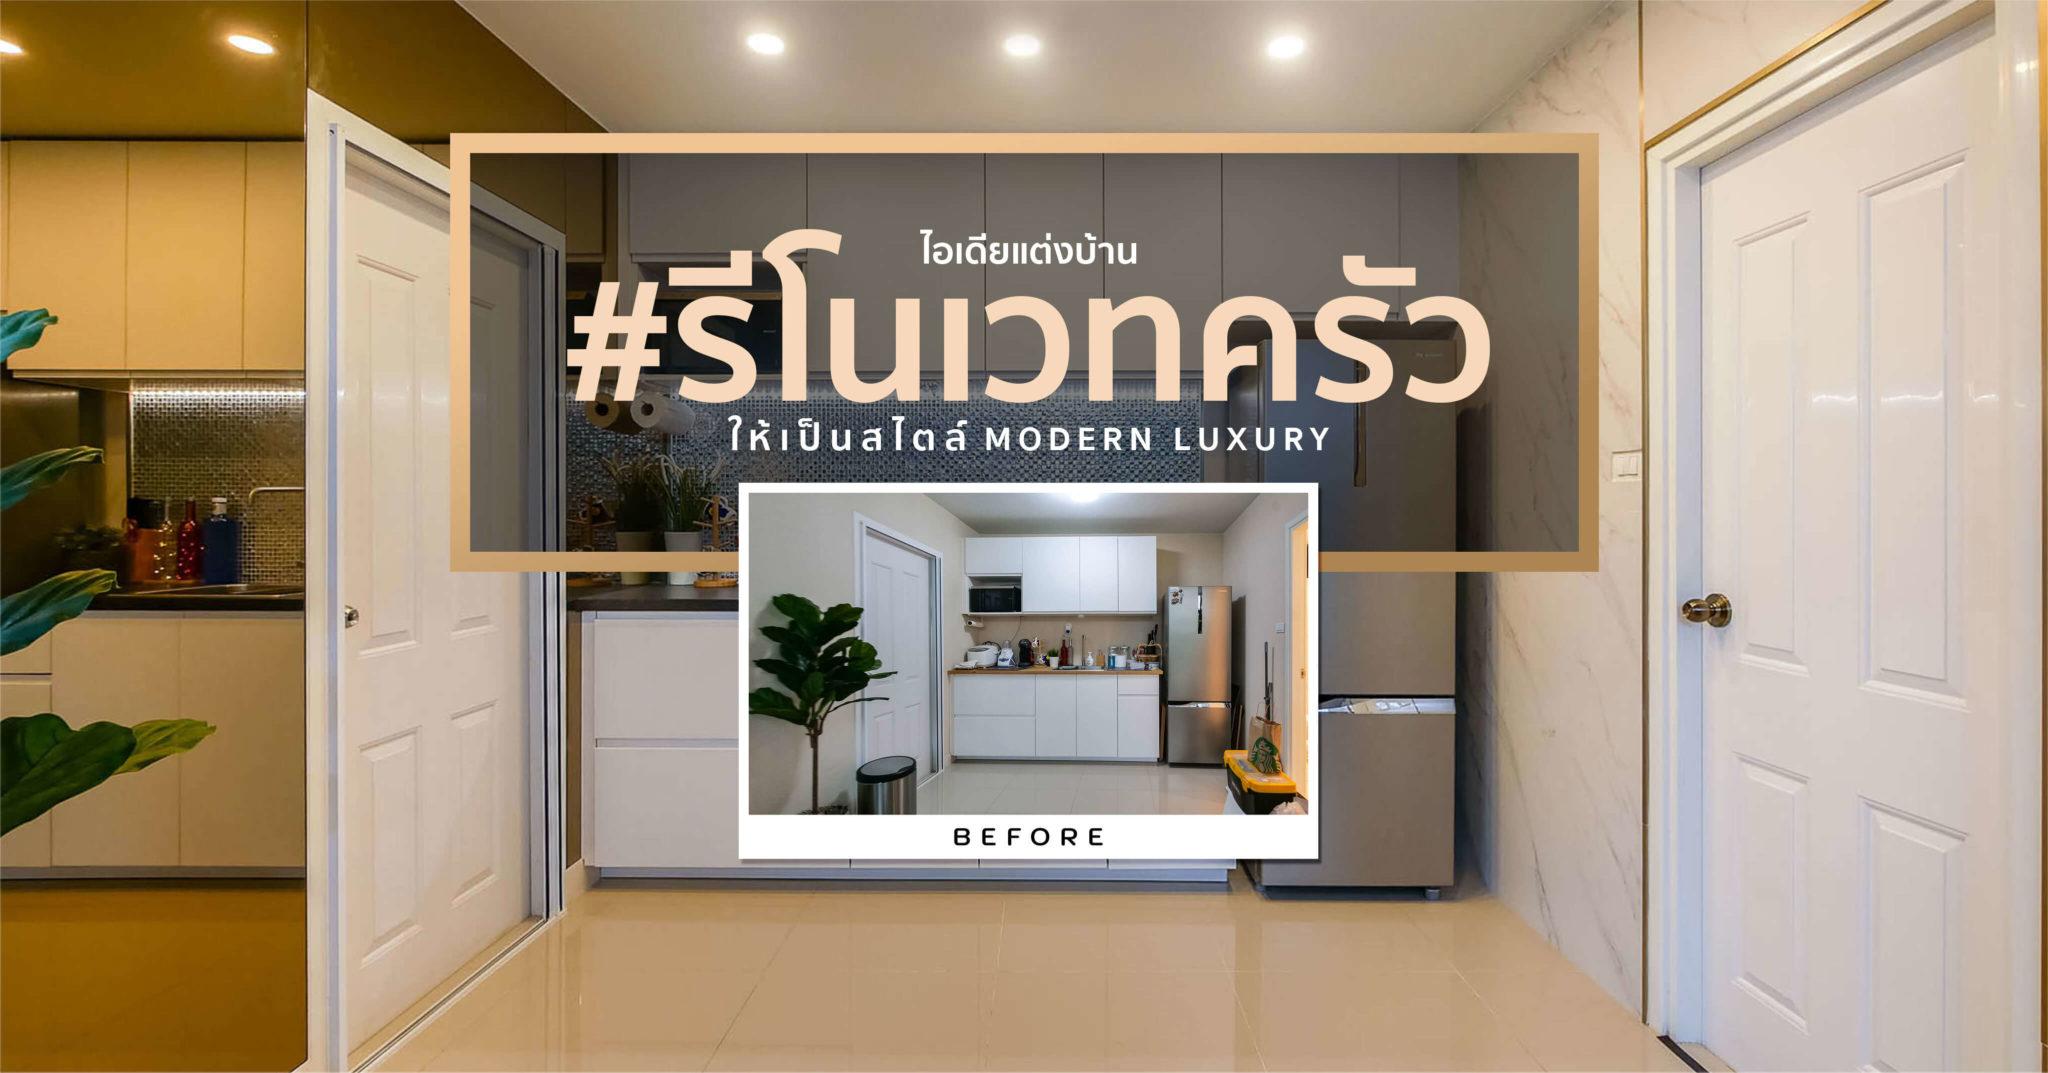 รีโนเวทครัว ให้สวยหรูสไตล์ Modern Luxury แบบจบงานไว ไม่กระทบโครงสร้างเดิม 13 - jorakay